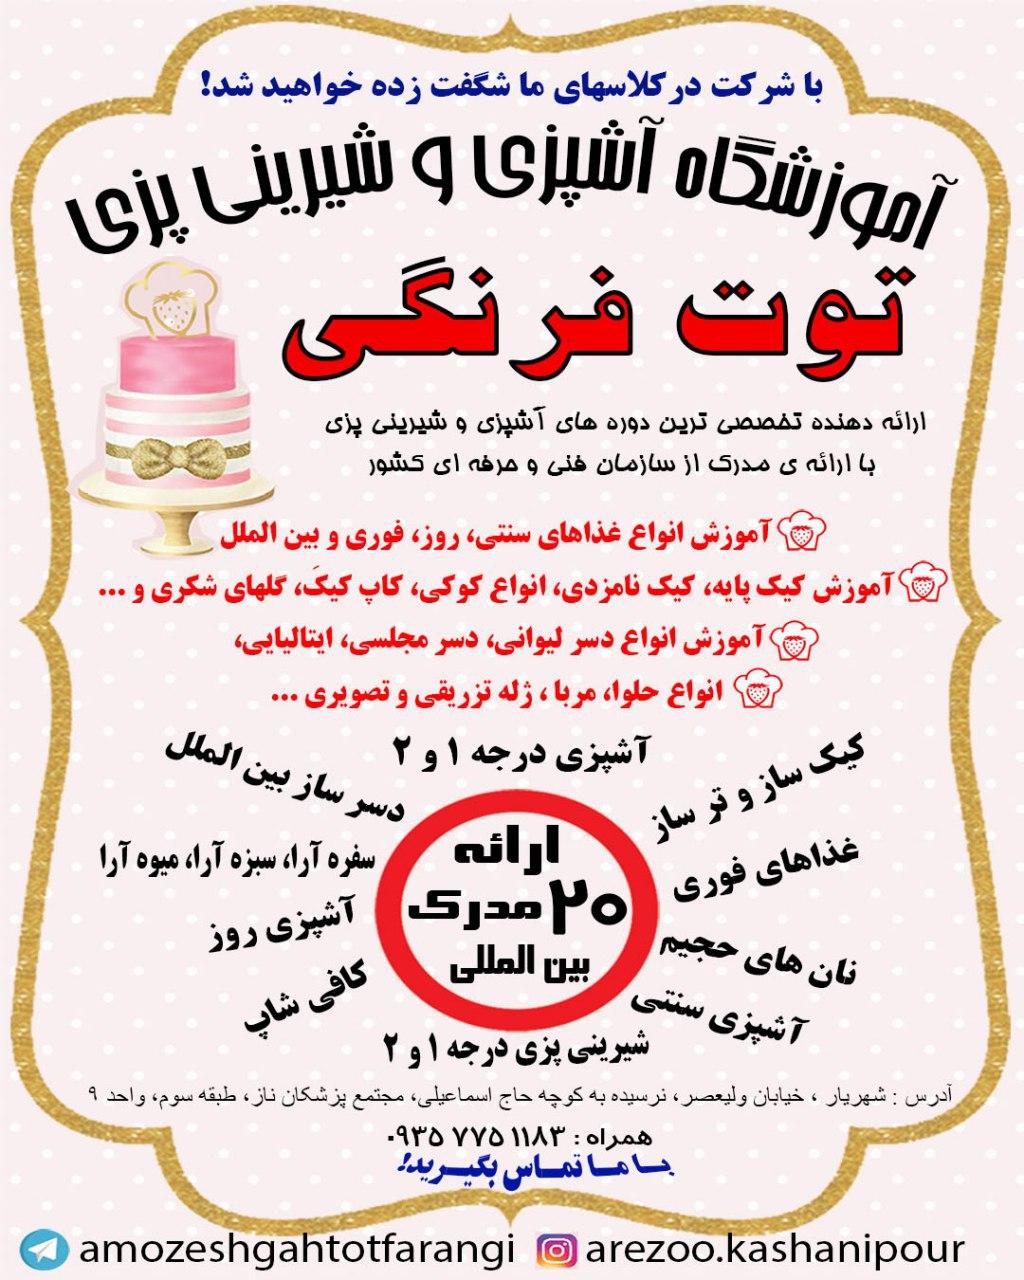 آموزشگاه آشپزی و شیرینی پزی توت فرنگی در شهریار